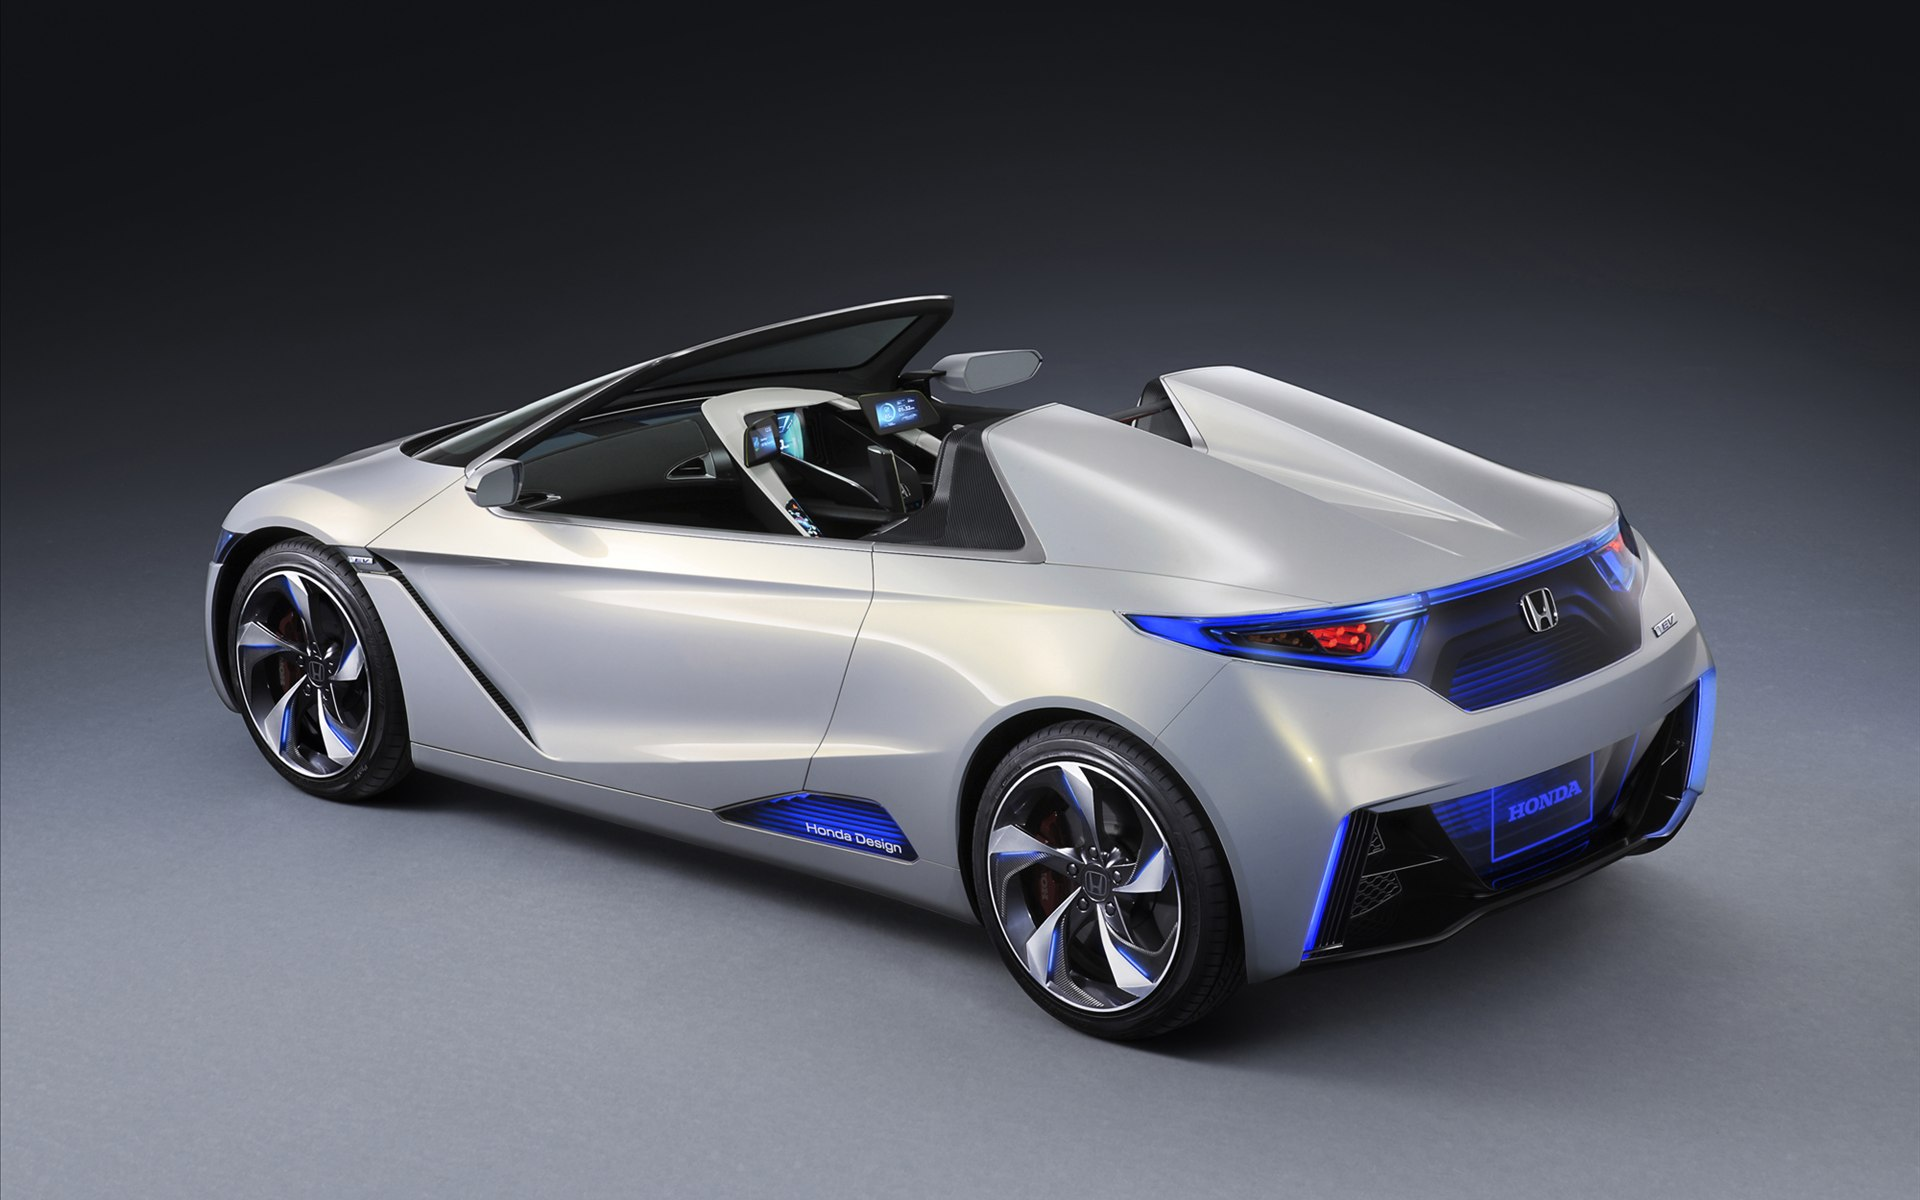 2011 Honda Ev Ster Concept 2 Wallpaper Hd Car Wallpapers Id 2329